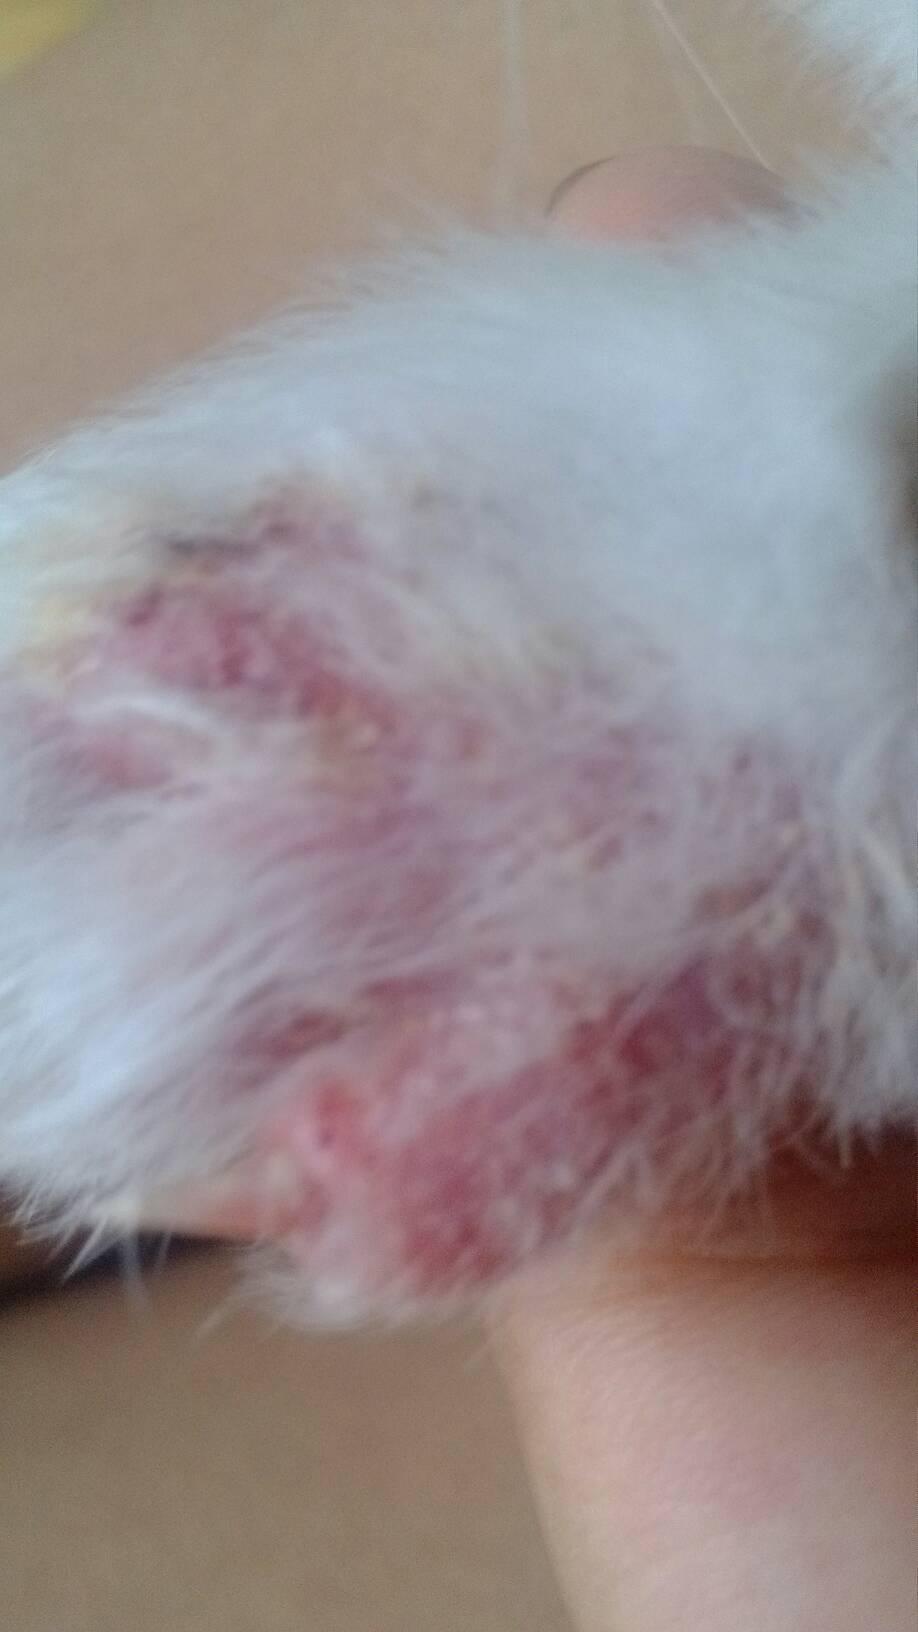 宝宝螨虫叮咬症状 螨虫咬的症状 螨虫叮咬的症状图 螨虫咬症状图 螨虫图片